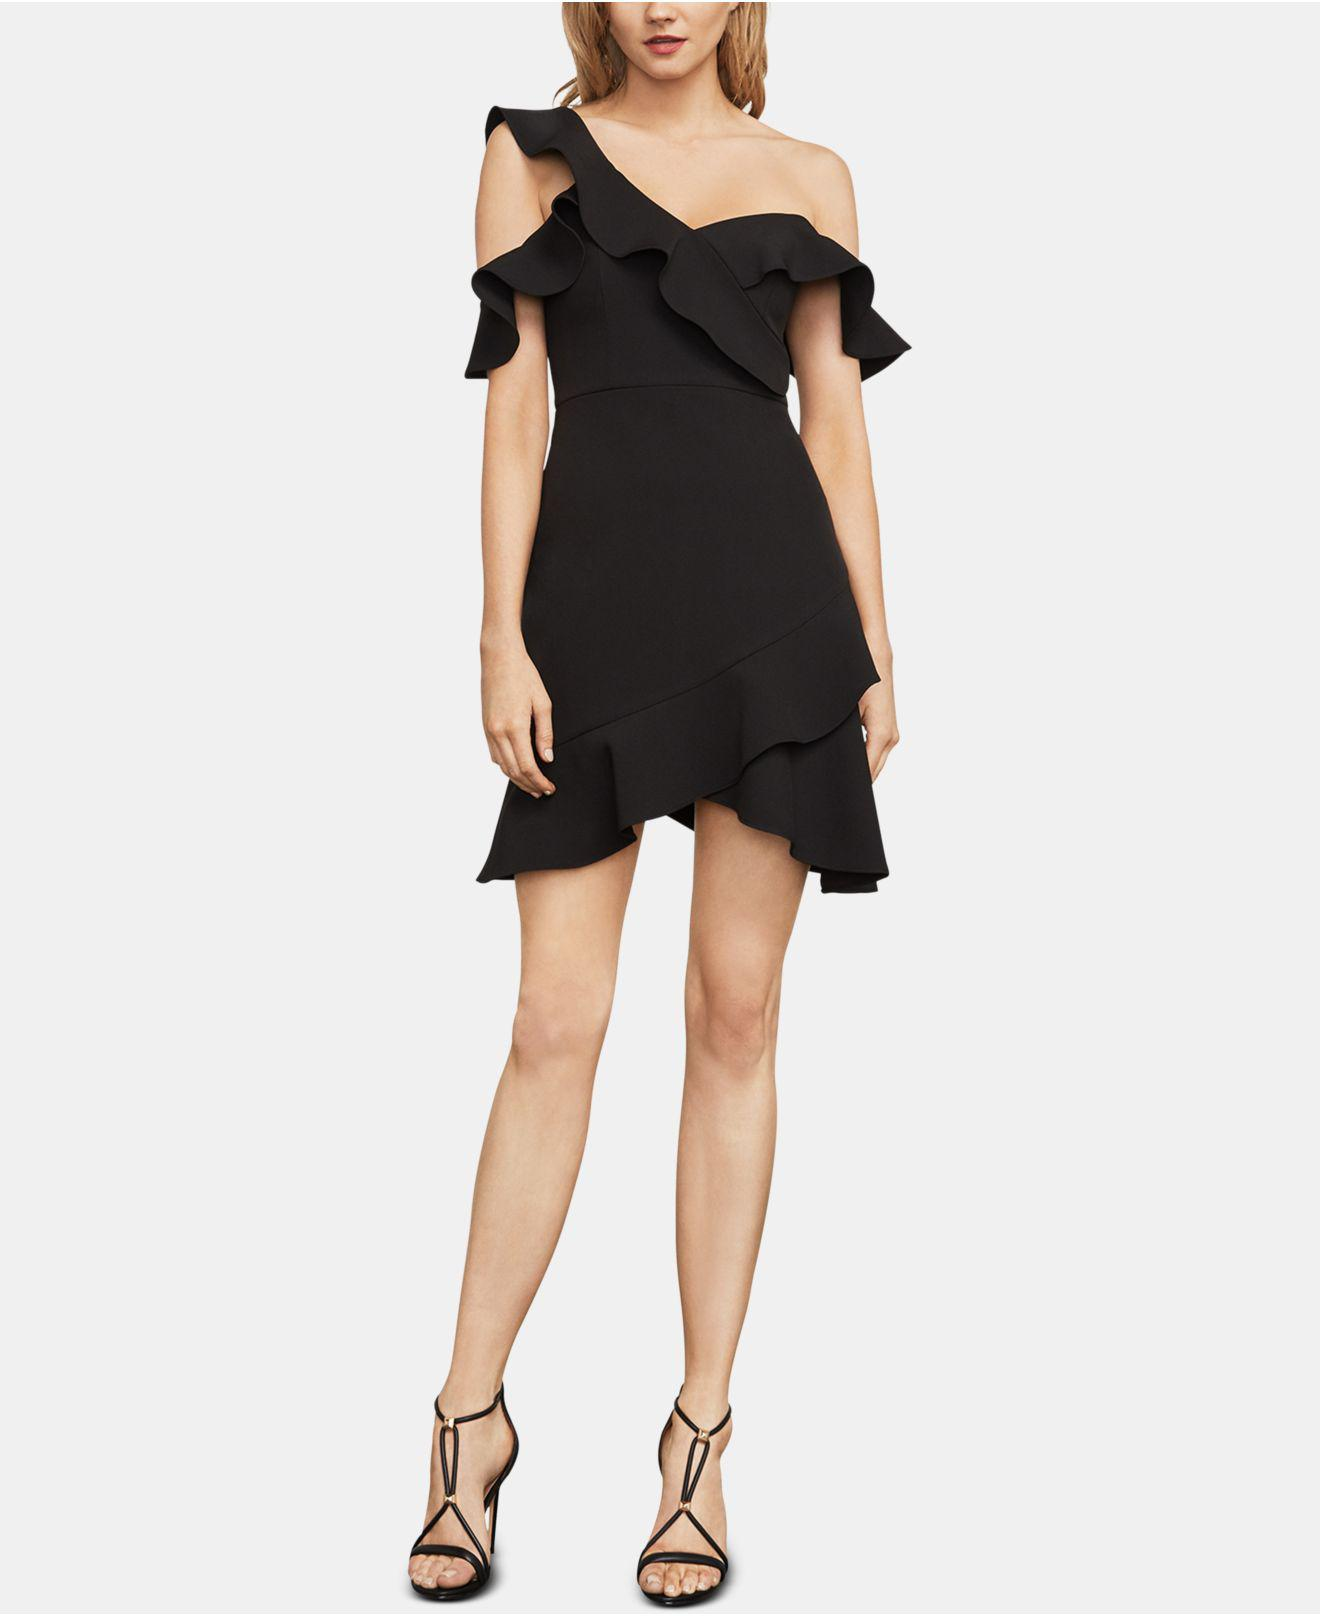 f3bf4fc4a2ed Lyst - Bcbgmaxazria Malik Asymmetrical Off-the-shoulder Dress in Black